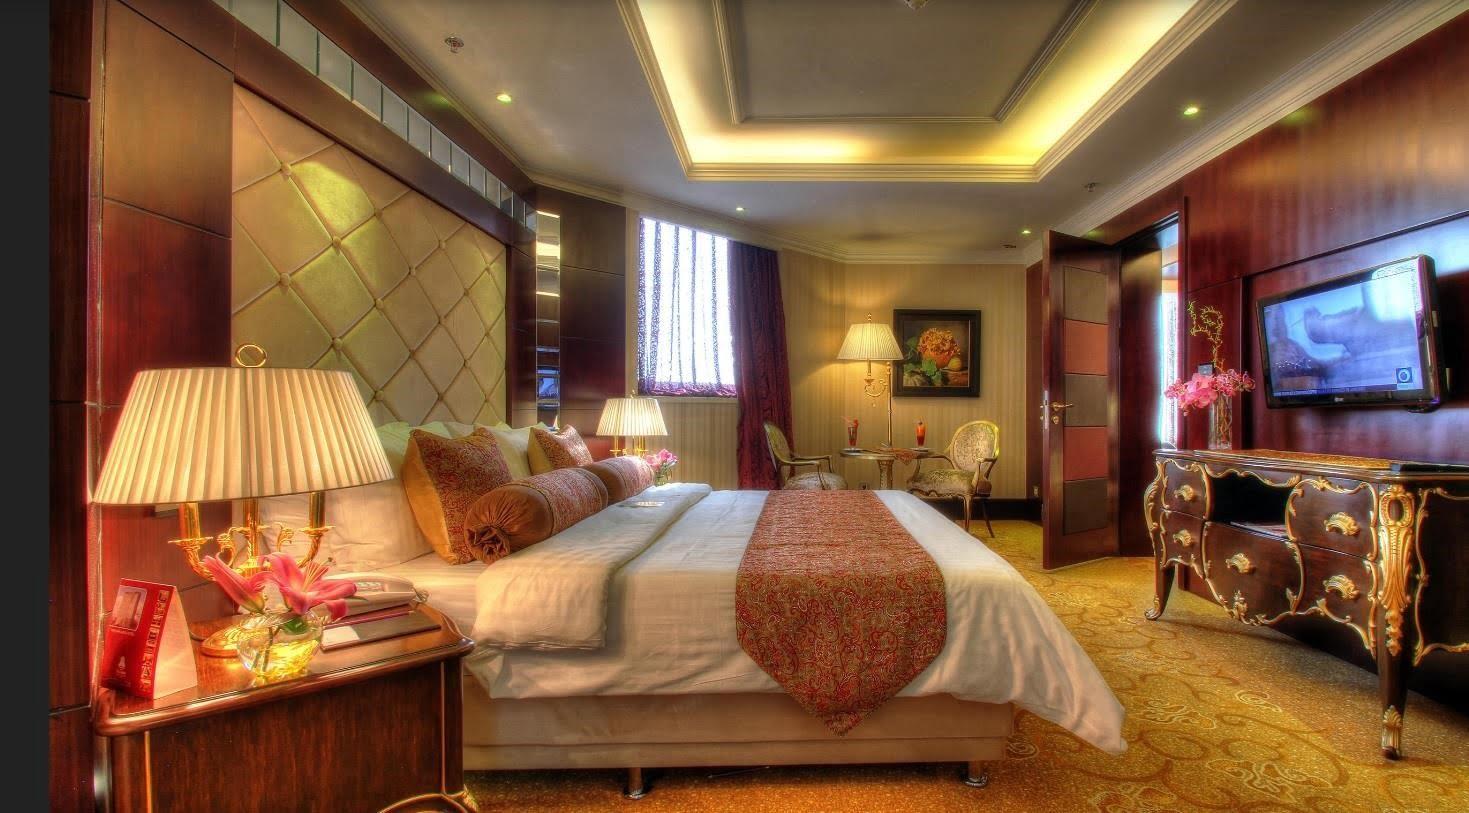 -پارسیان-آزادی-تهران با چند هتل پنج ستاره در تهران آشنا شوید